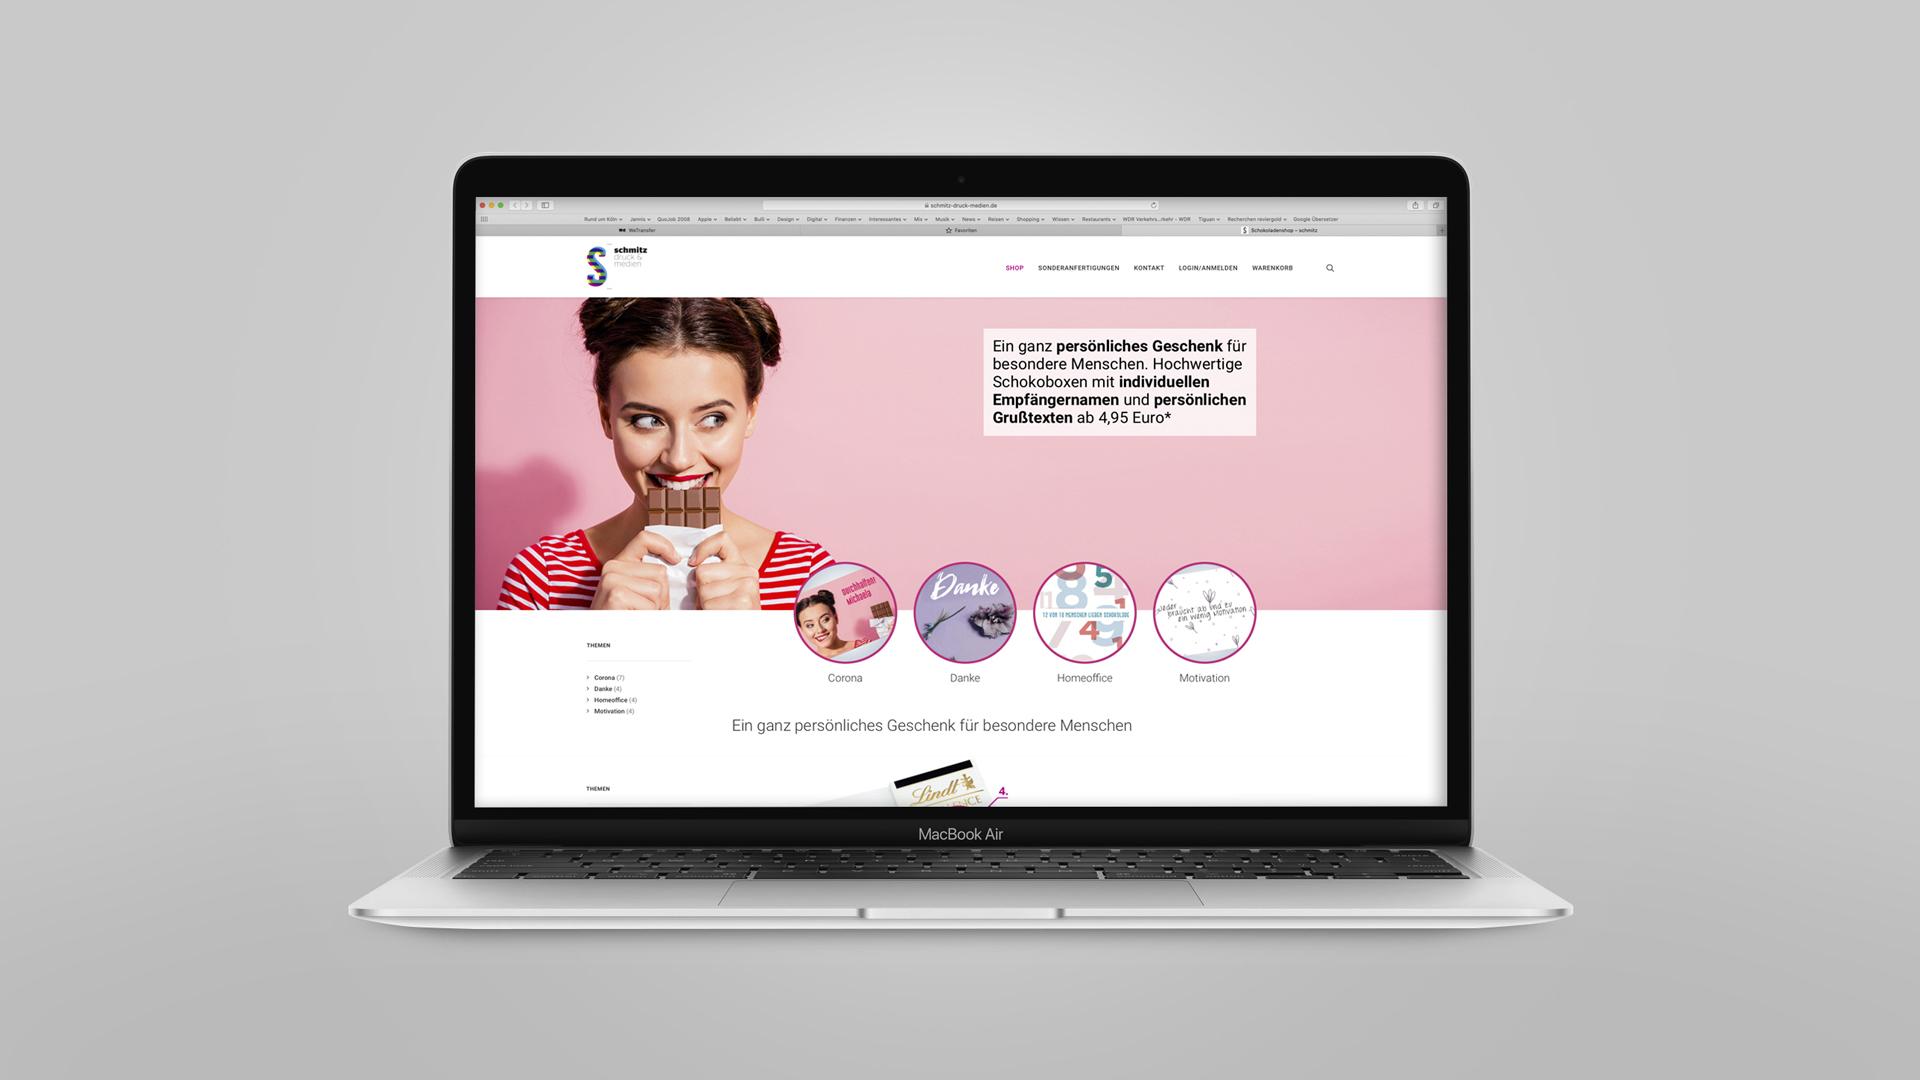 Design Onlineshop - Der neue E-Shop für personalisierte Schokoladenmailings mit individuellem Grußtext ab einem Exemplar, Onlineshop